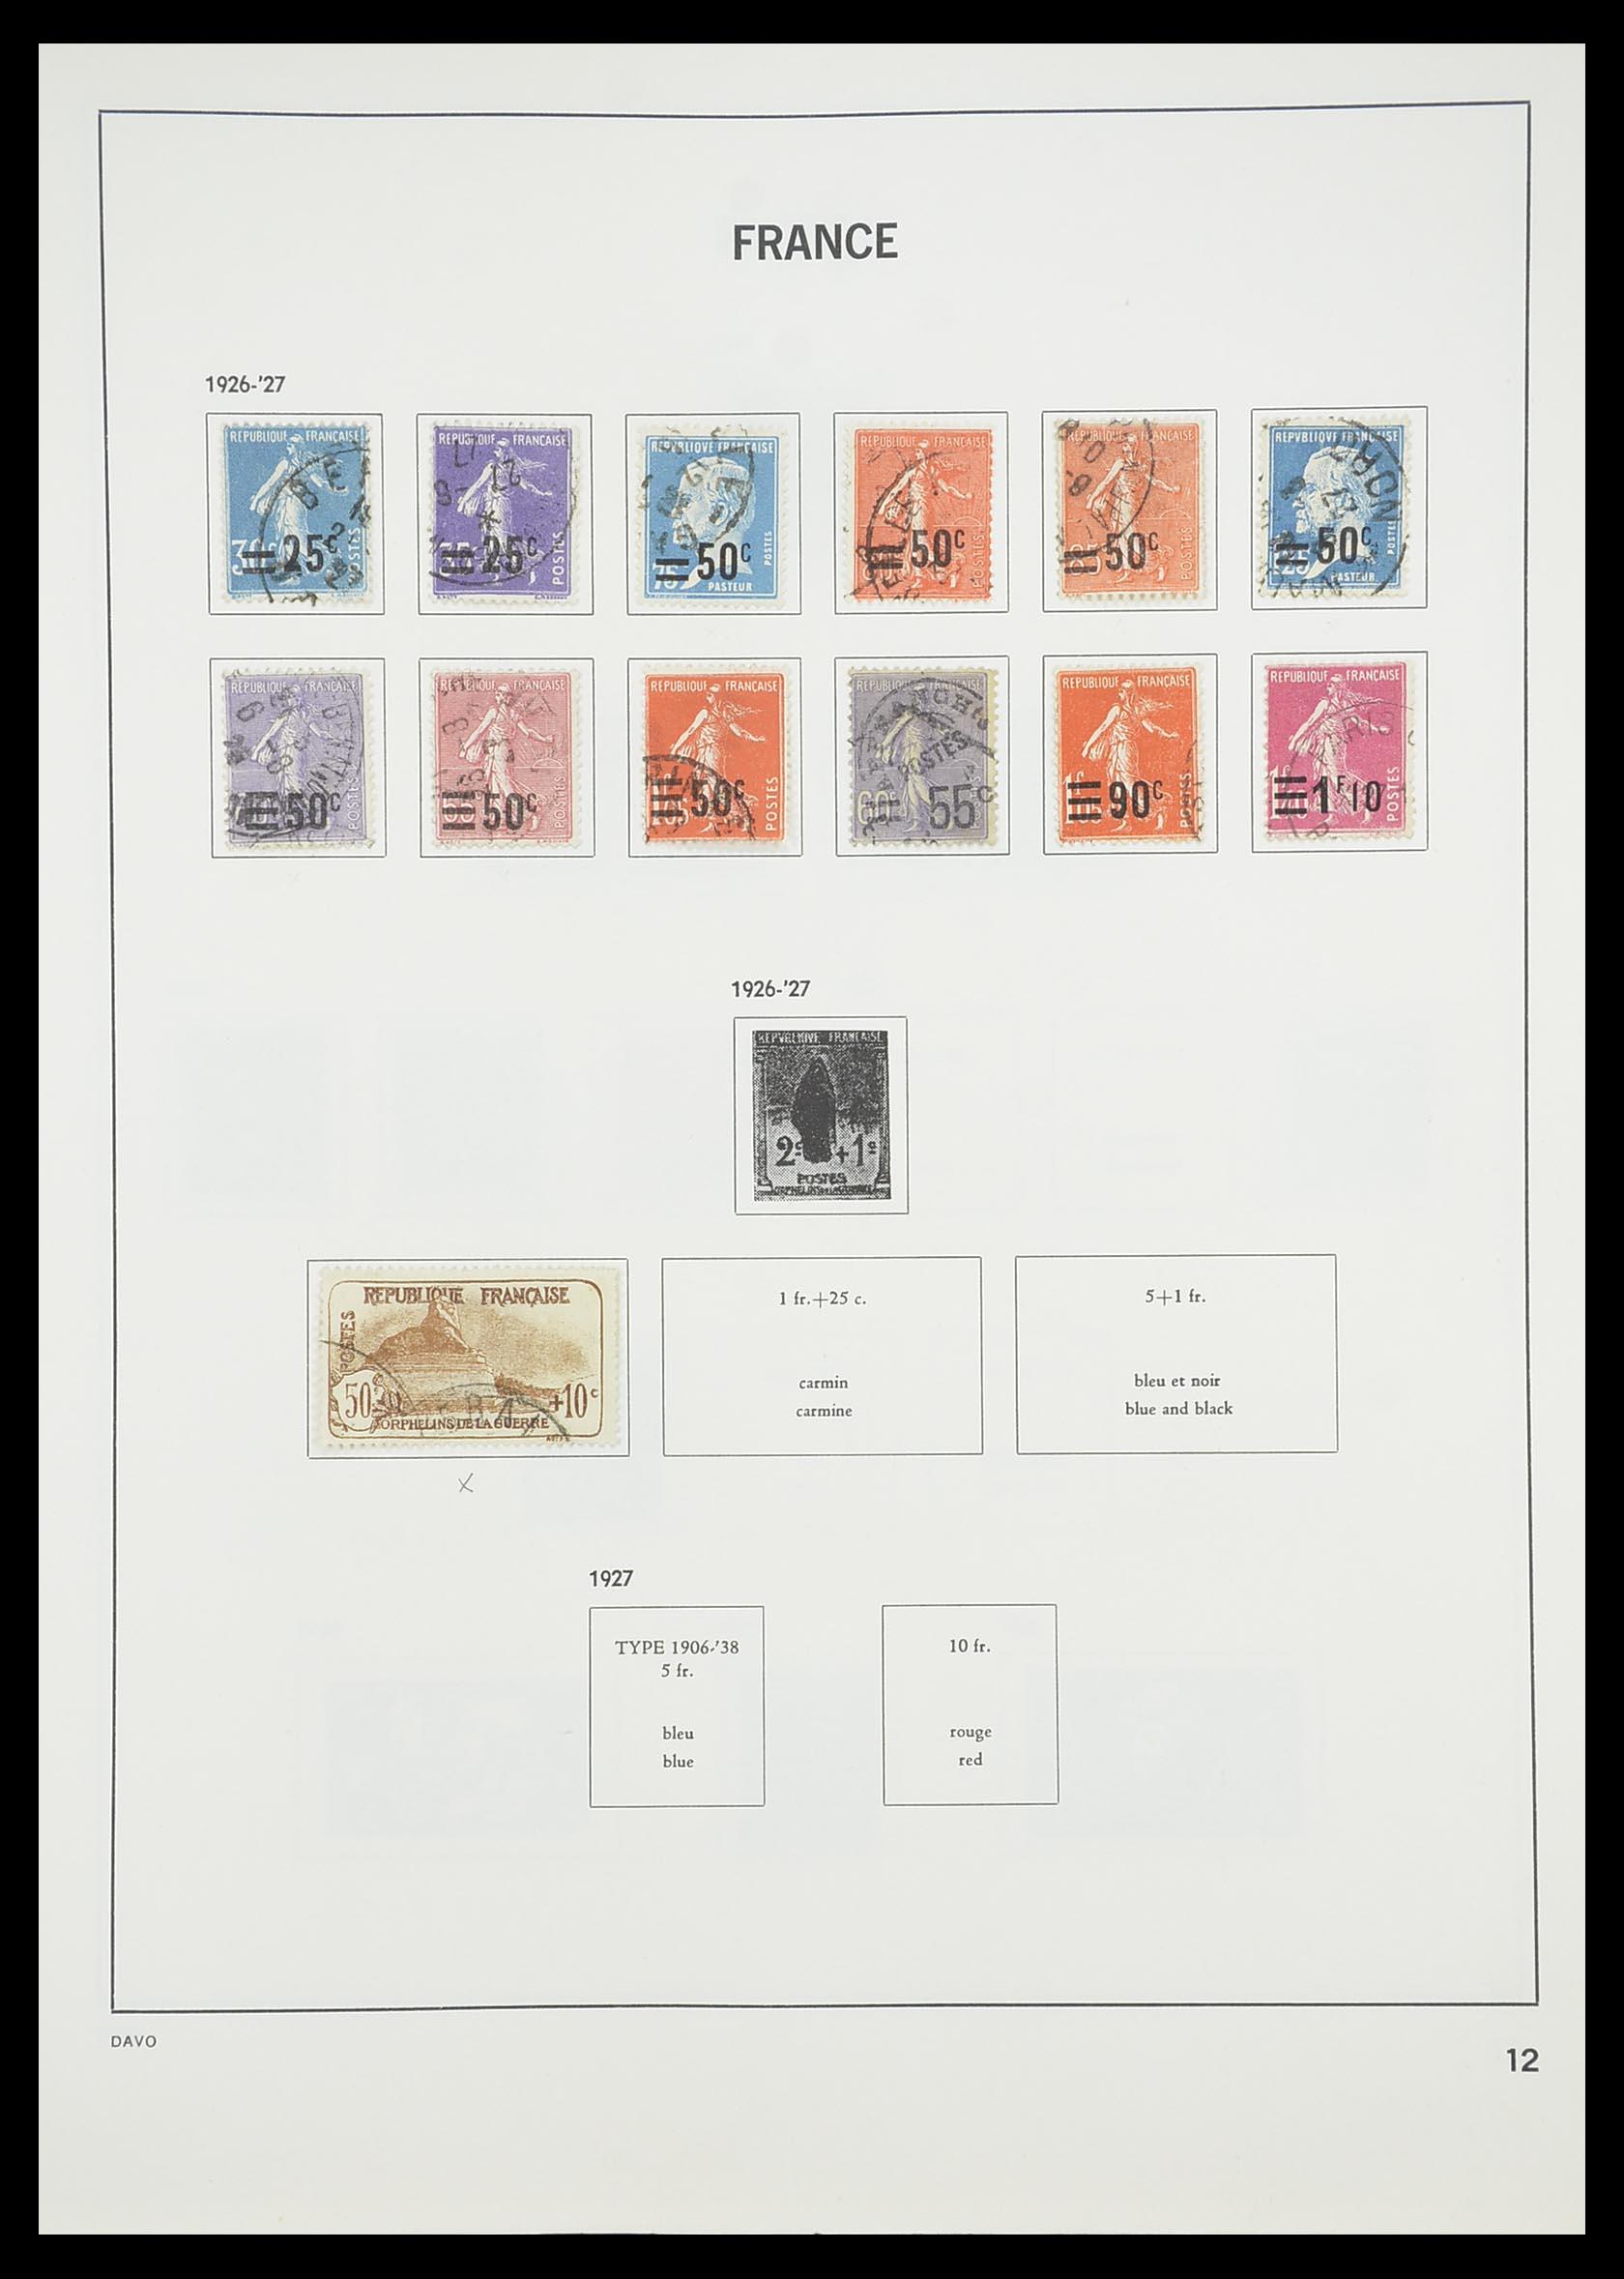 33819 014 - Postzegelverzameling 33819 Frankrijk 1849-1988.